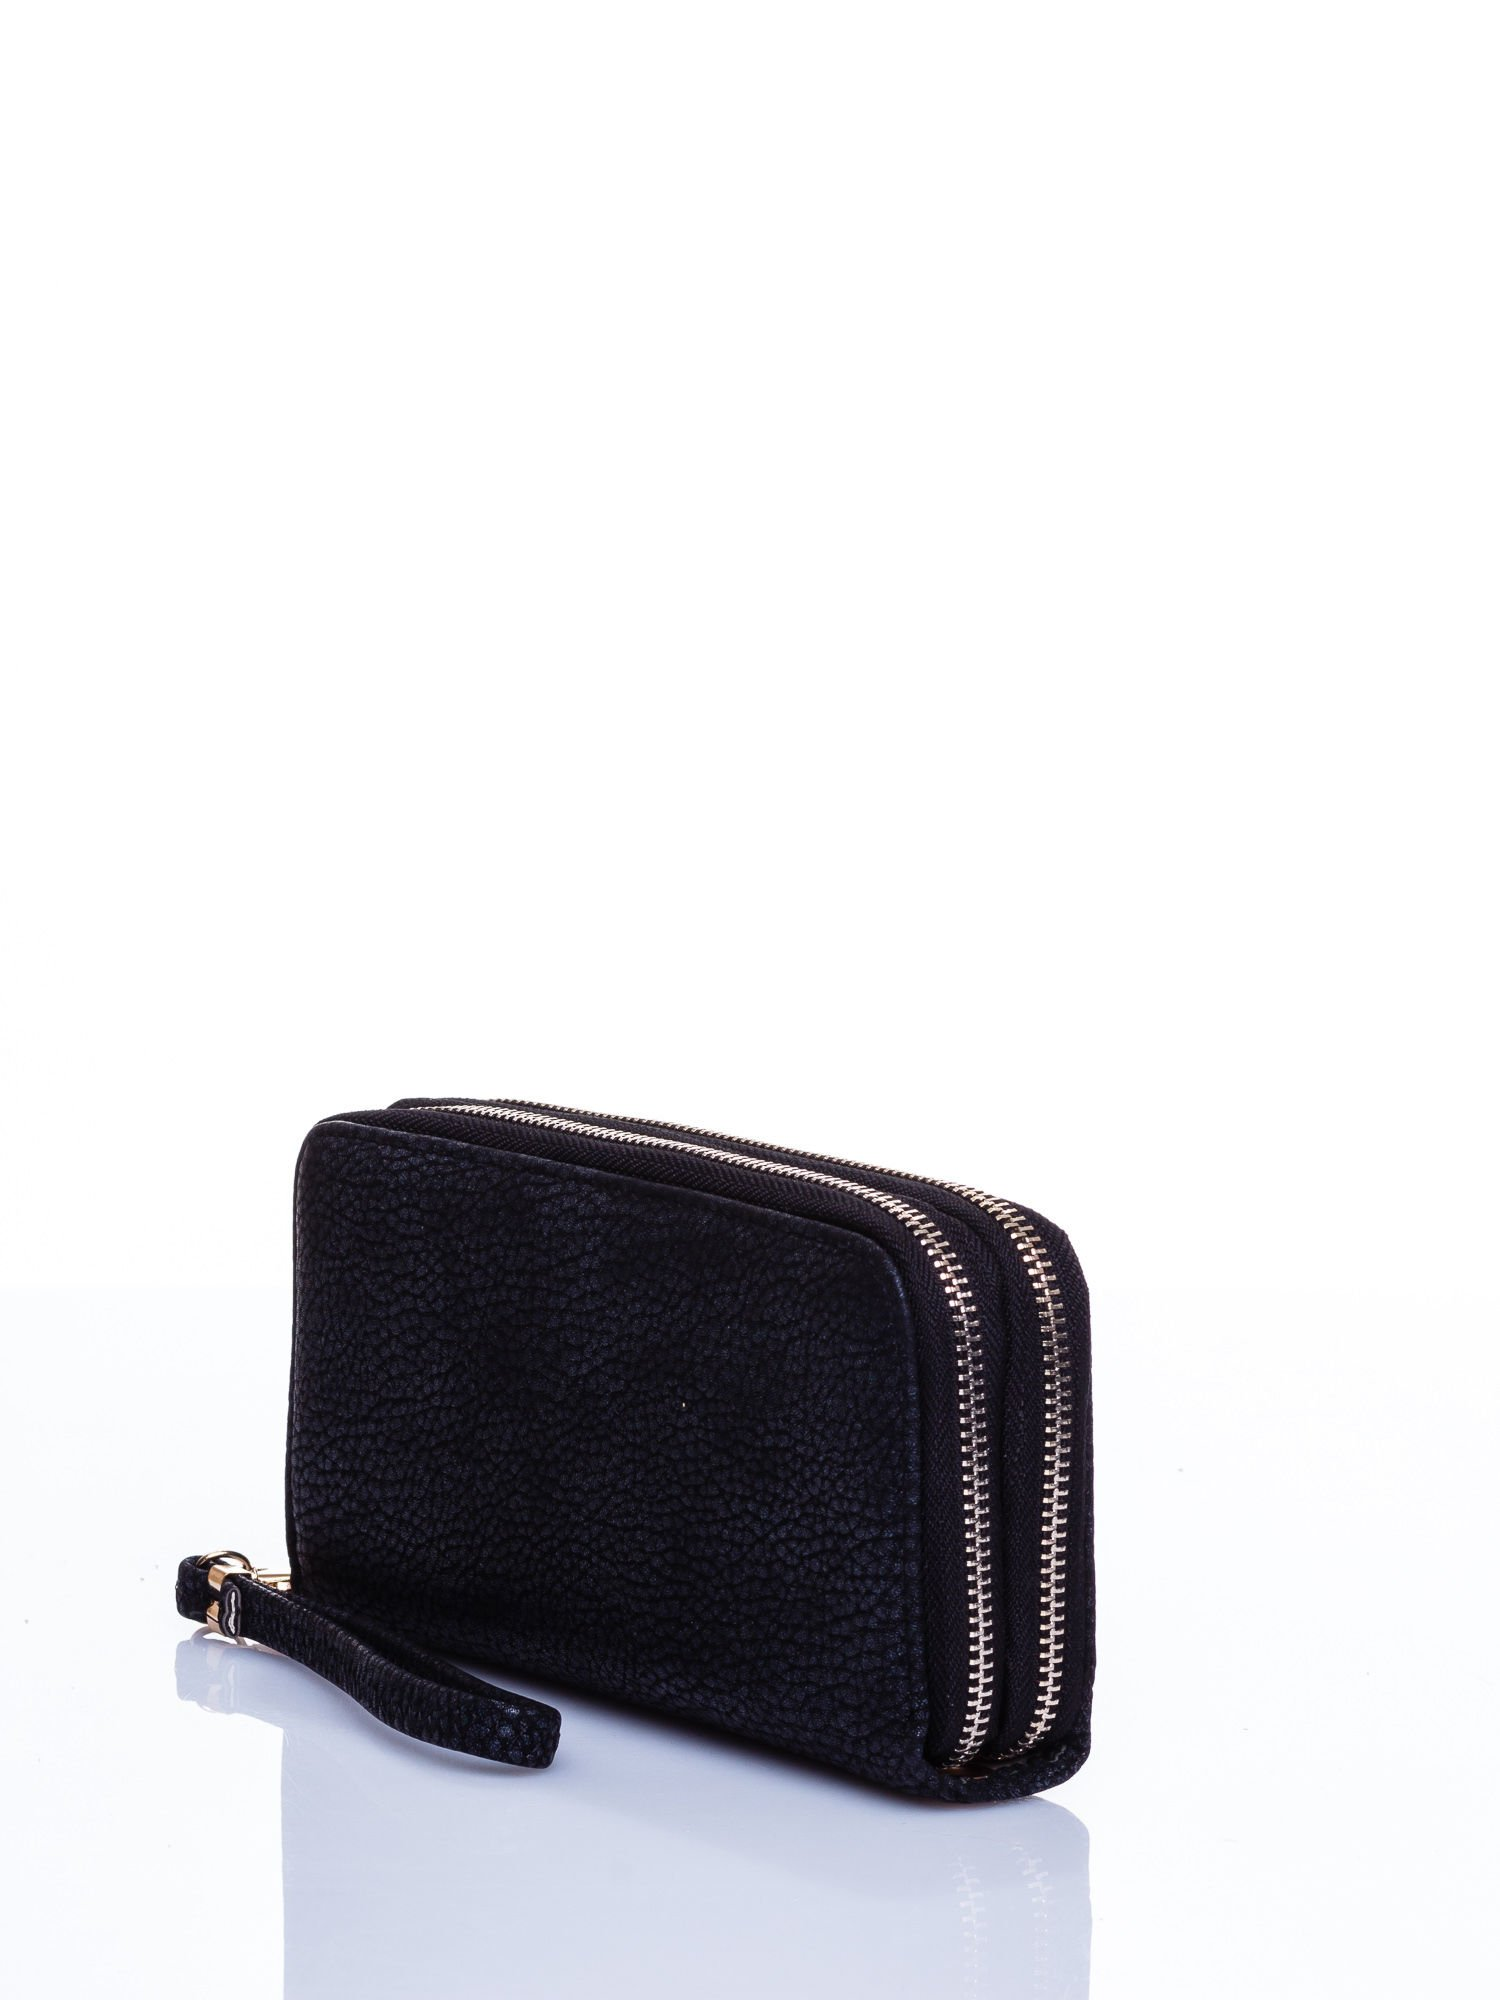 Czarny matowy portfel z rączką                                  zdj.                                  2